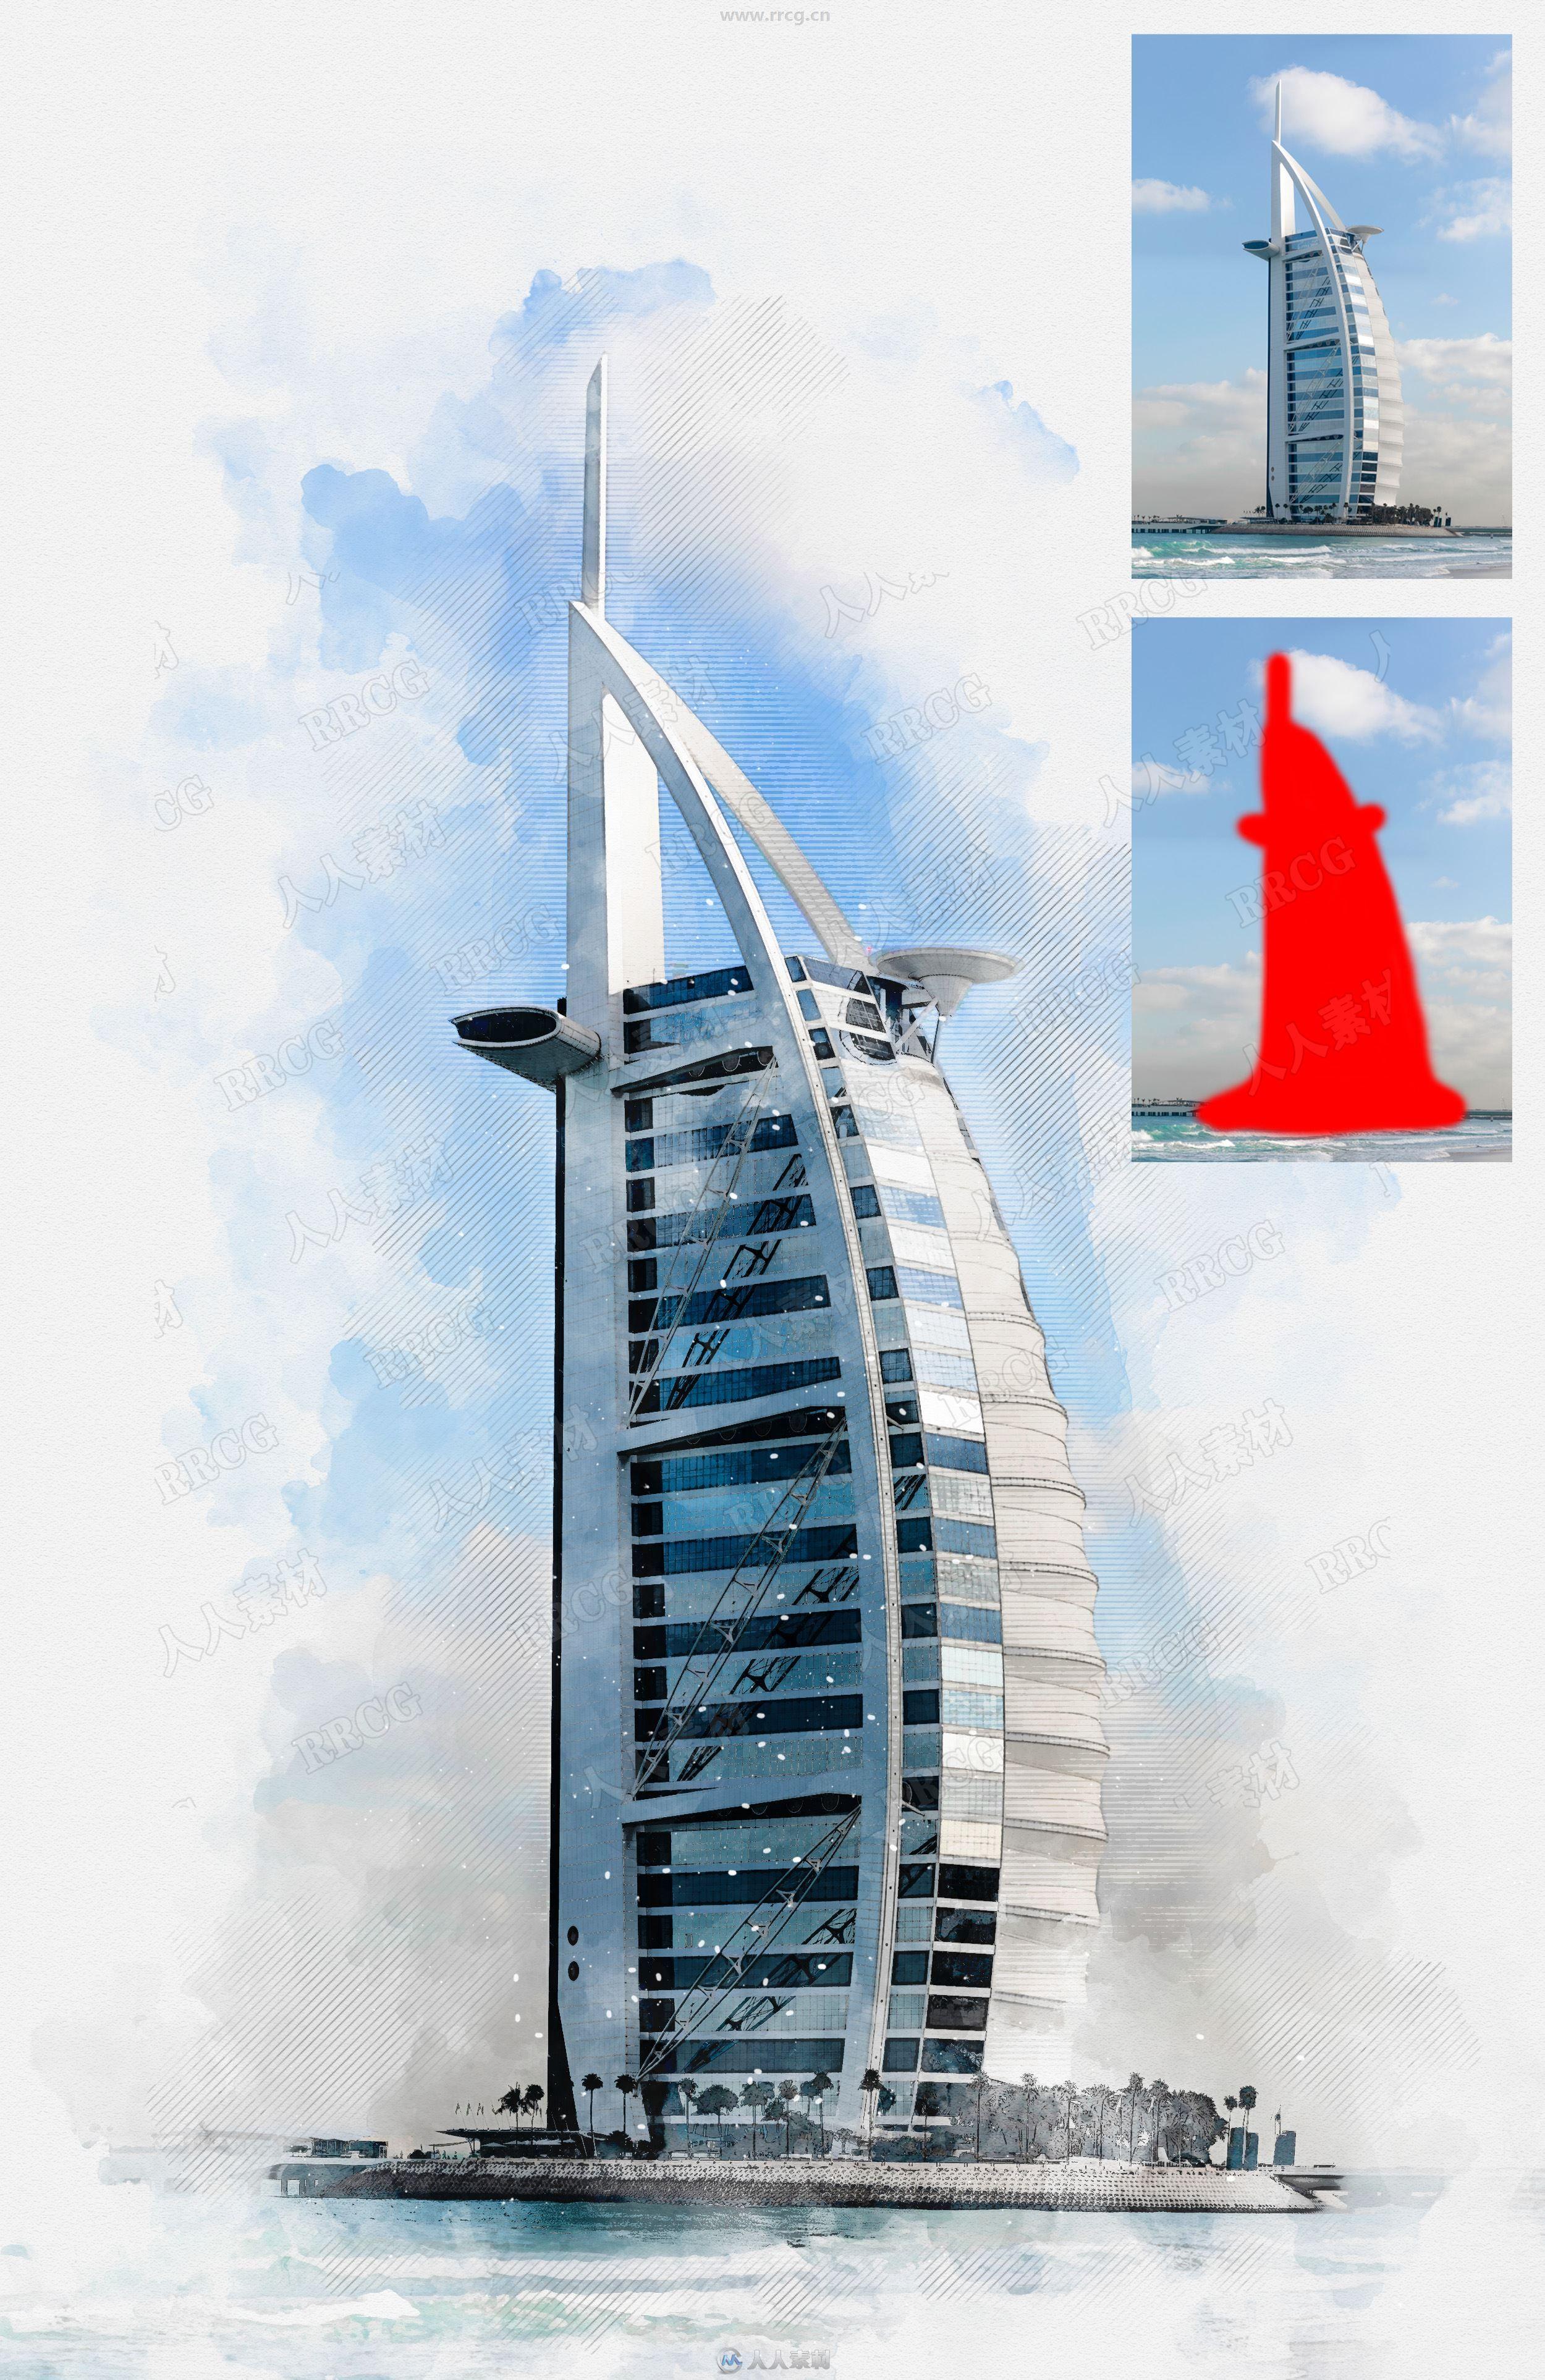 写实建筑物水彩画效果背景虚化艺术图像处理特效PS动作